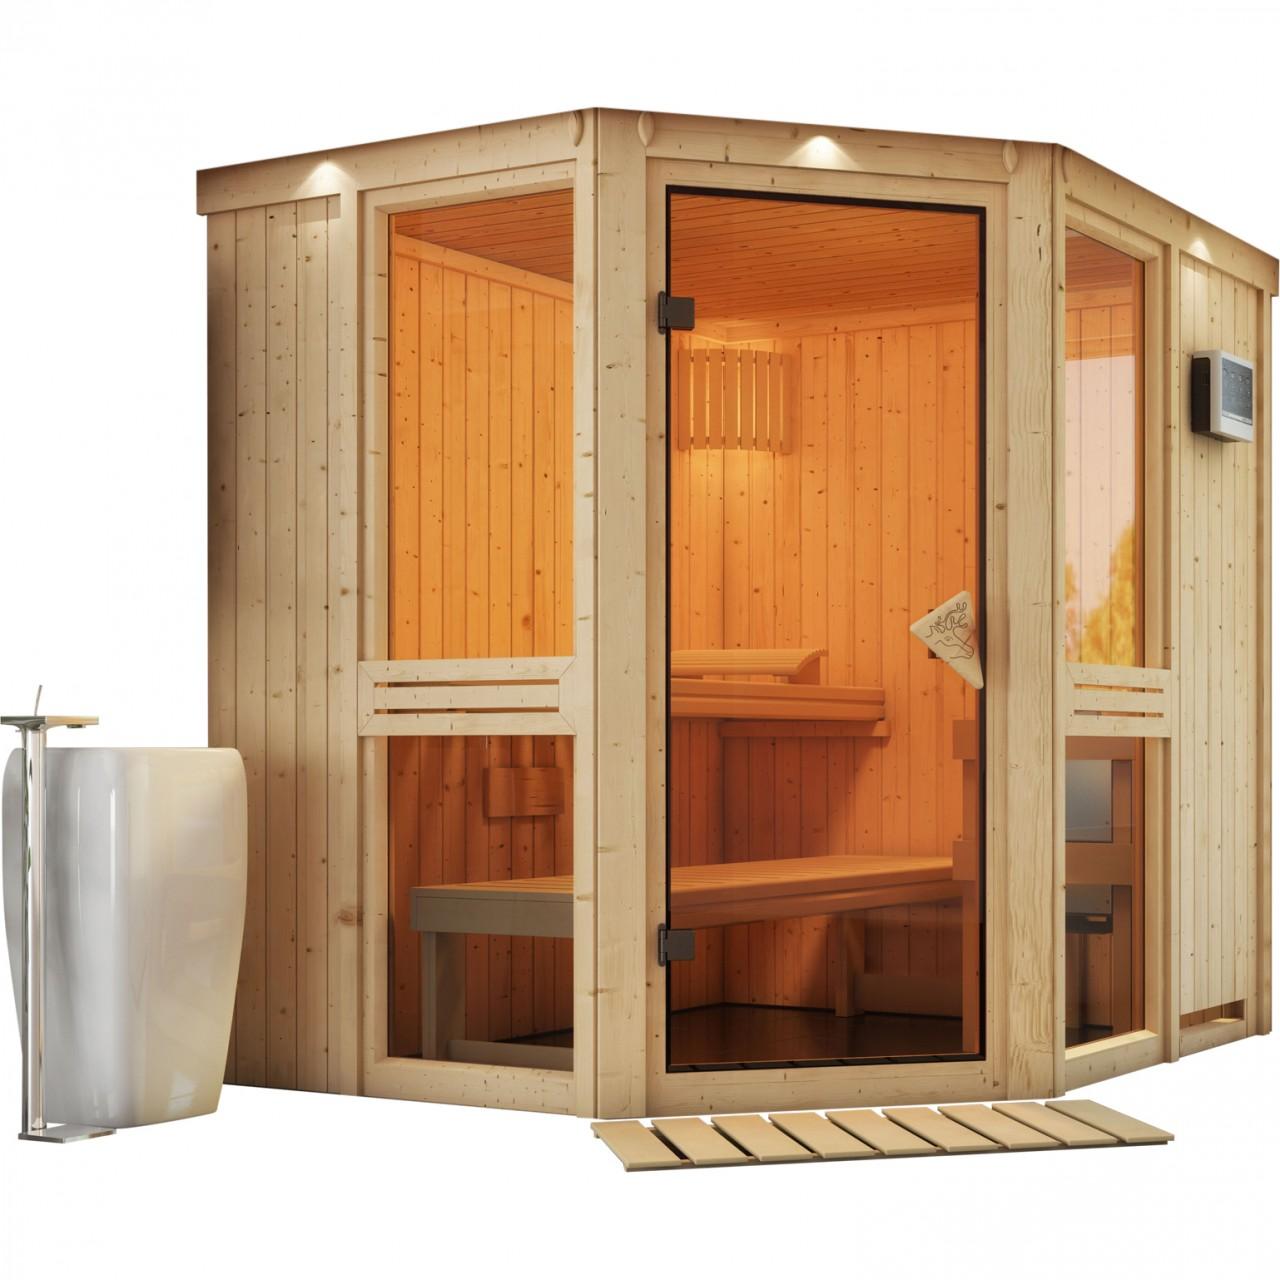 Sauna AMELIA 1,96 x 1,70 m - ohne Ofen mit Dach...